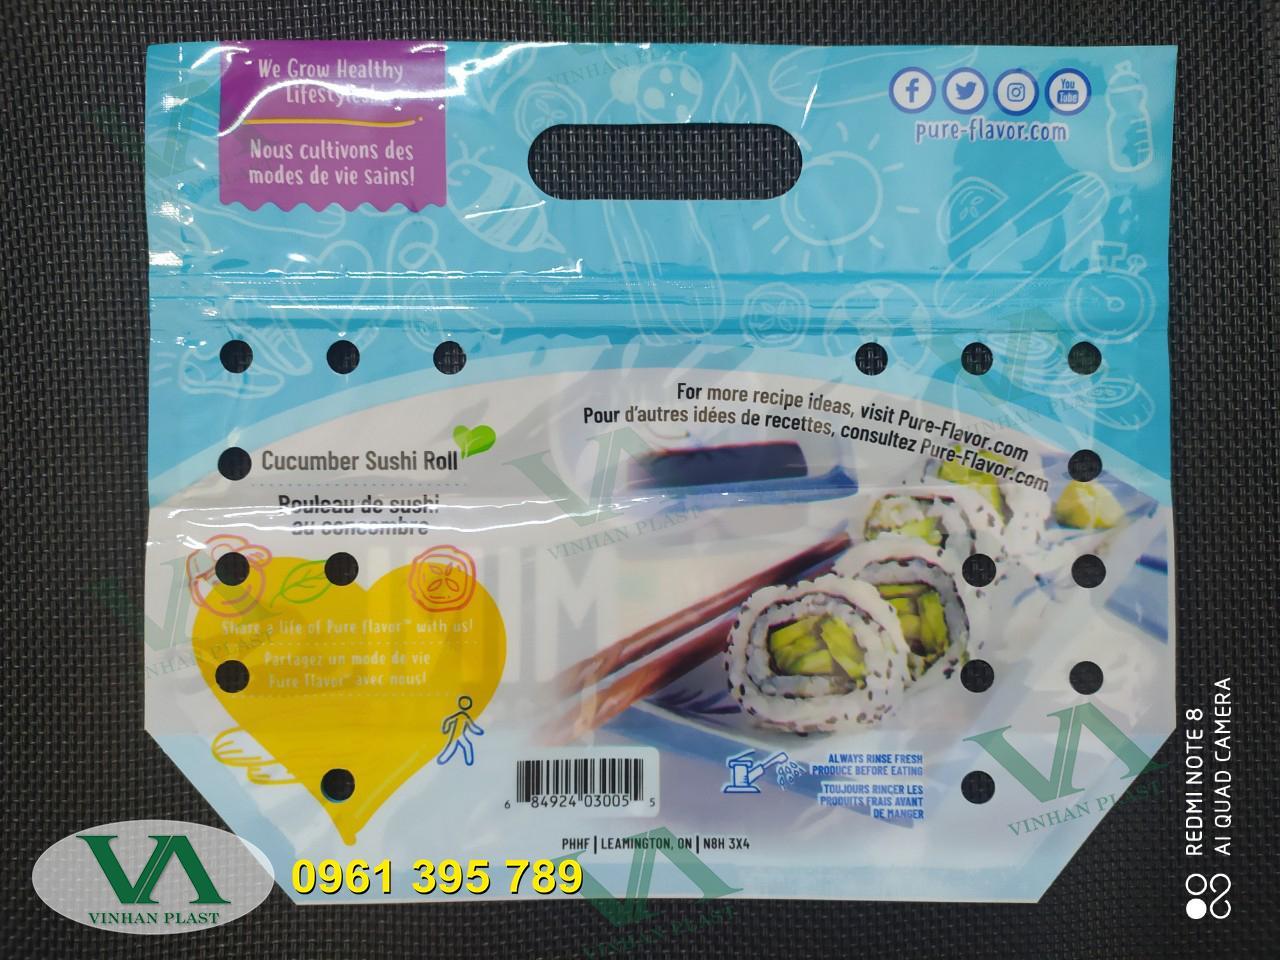 Sản xuất màng ghép phức hợp và ứng dụng của túi màng ghép